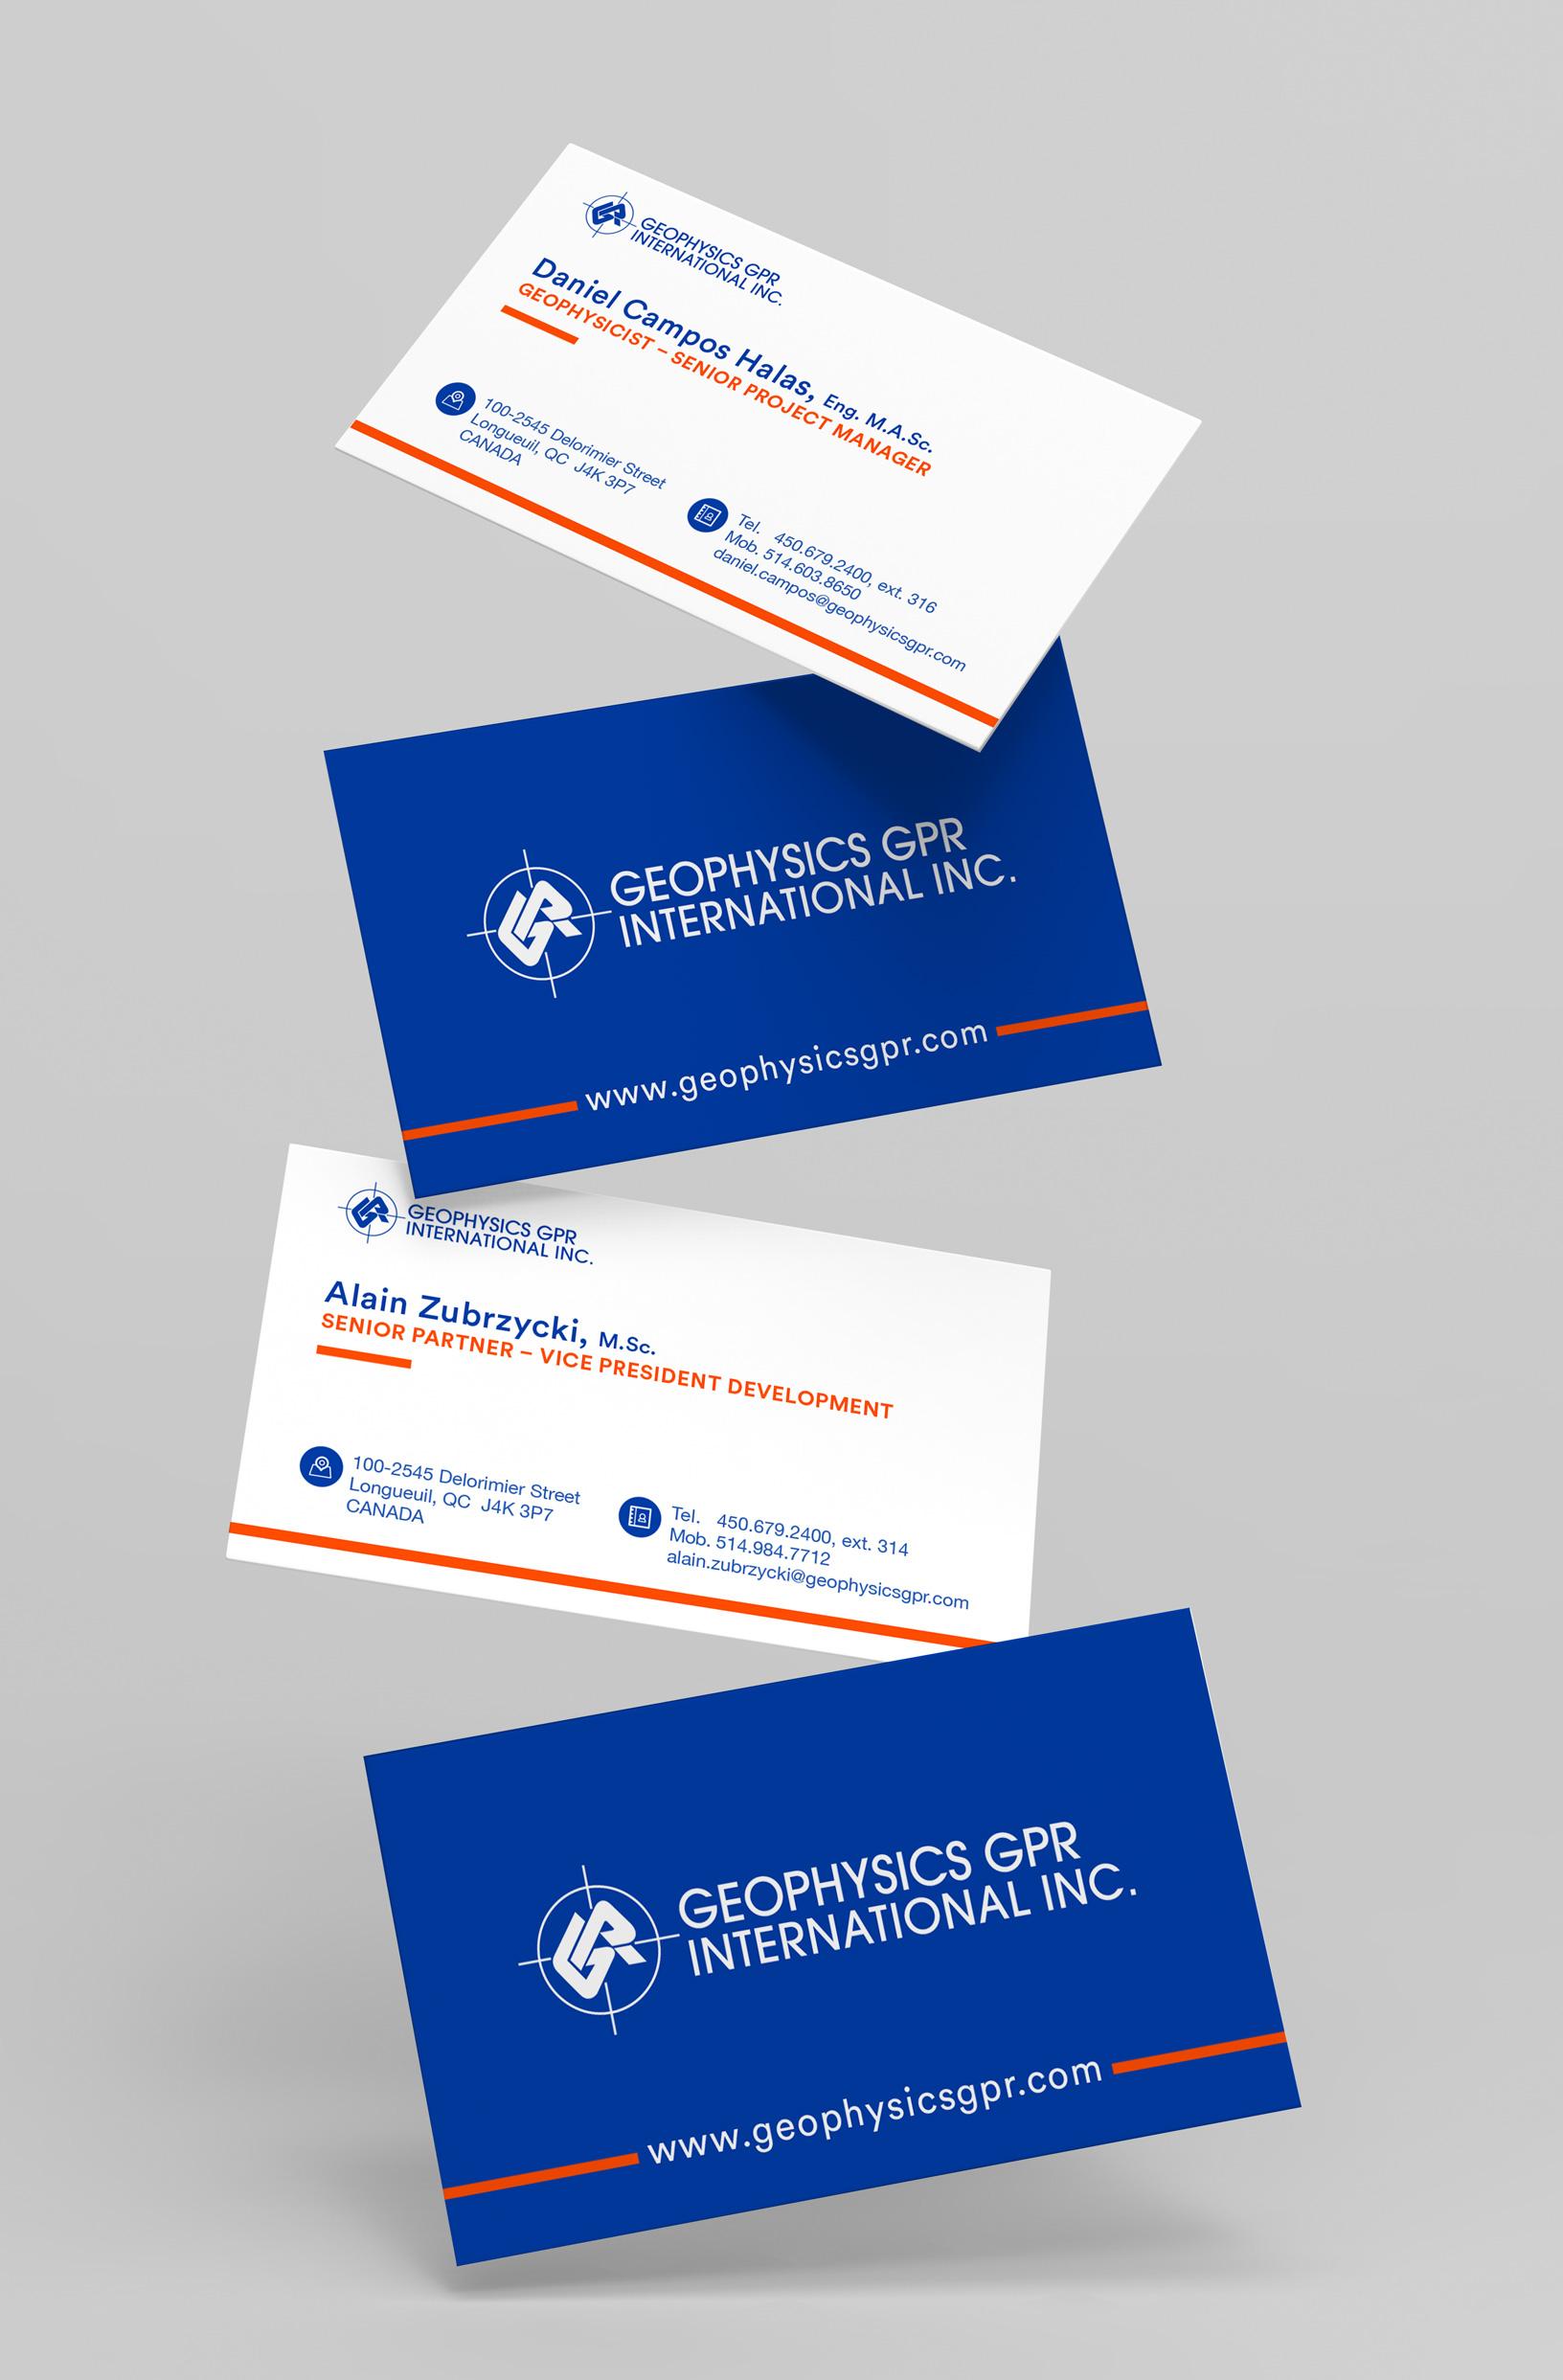 GPR_Brochure_Portfolio_Mockup_TARJETA.jpg